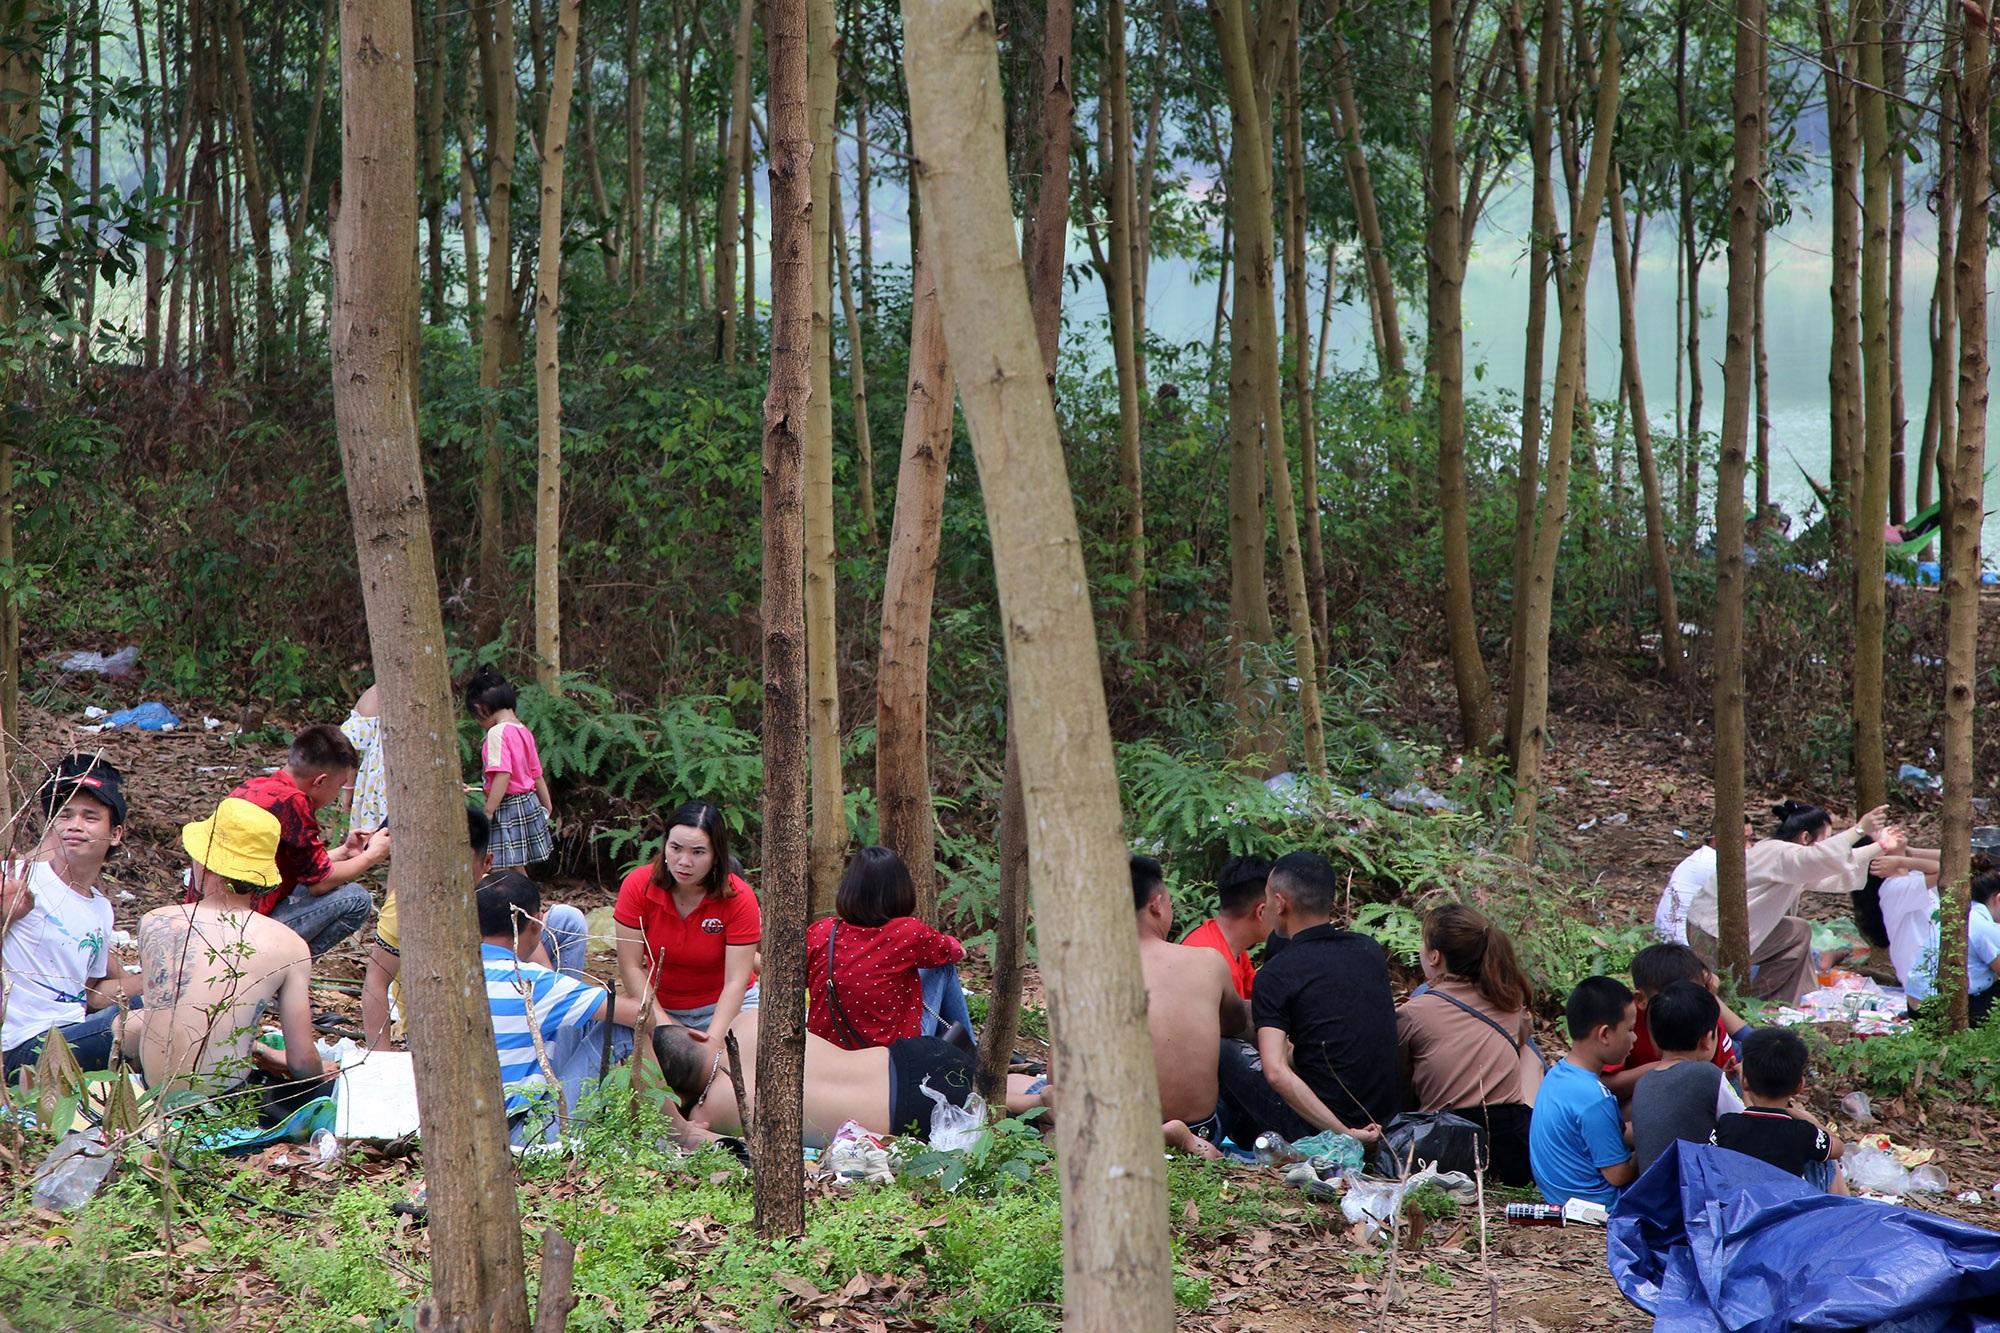 Dù có biển cấm tụ tập, hồ Đồng Mô vẫn tấp nập người đến cắm trại - 2